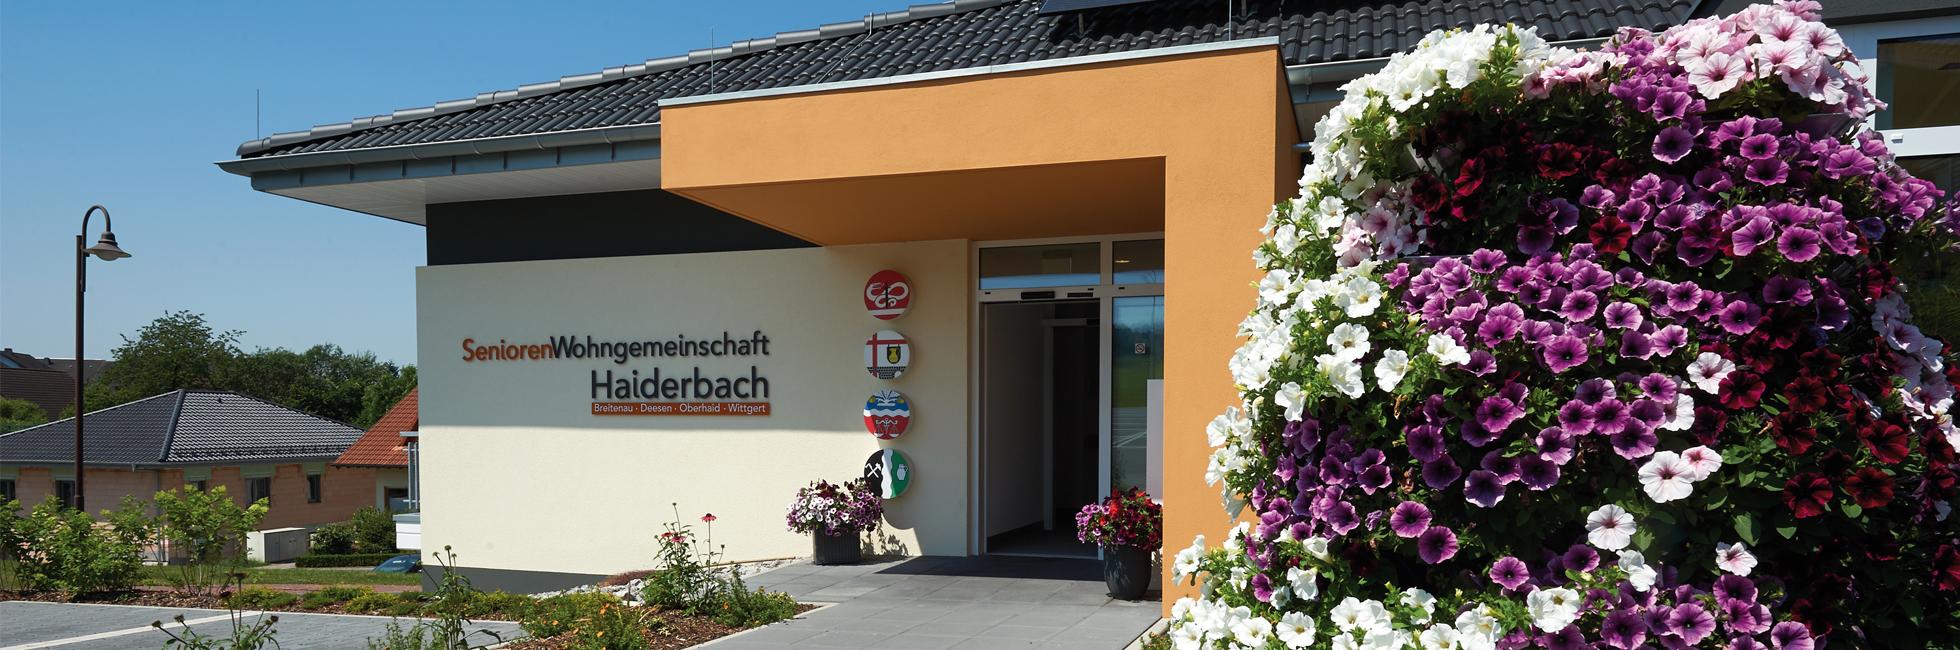 slider04_Haiderbach